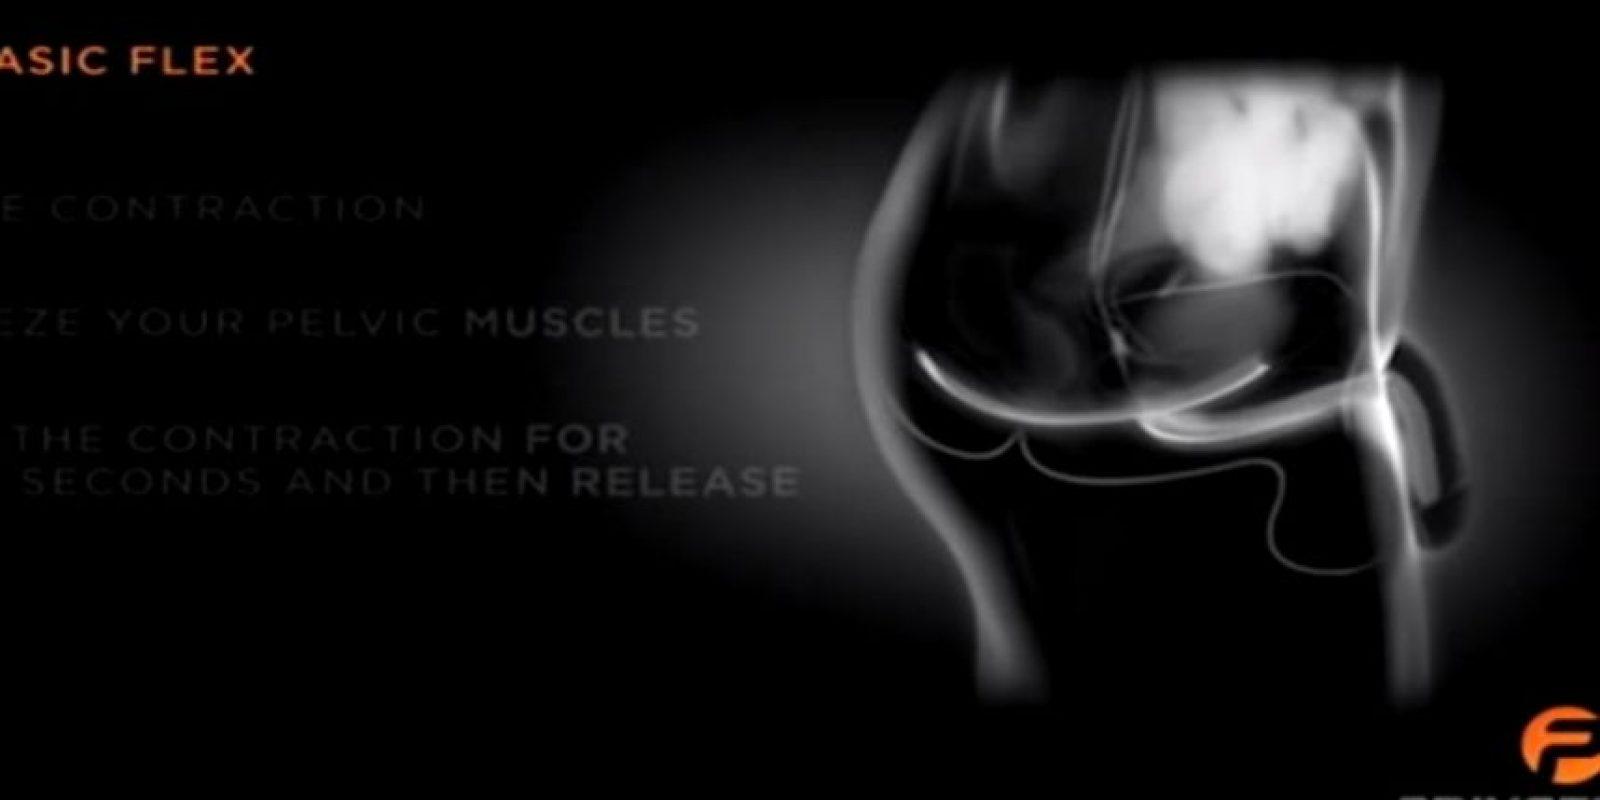 """Con este, se podría """"mejorar el desempeño en la relación sexual"""", según sus creadores. Foto:Private Gym"""